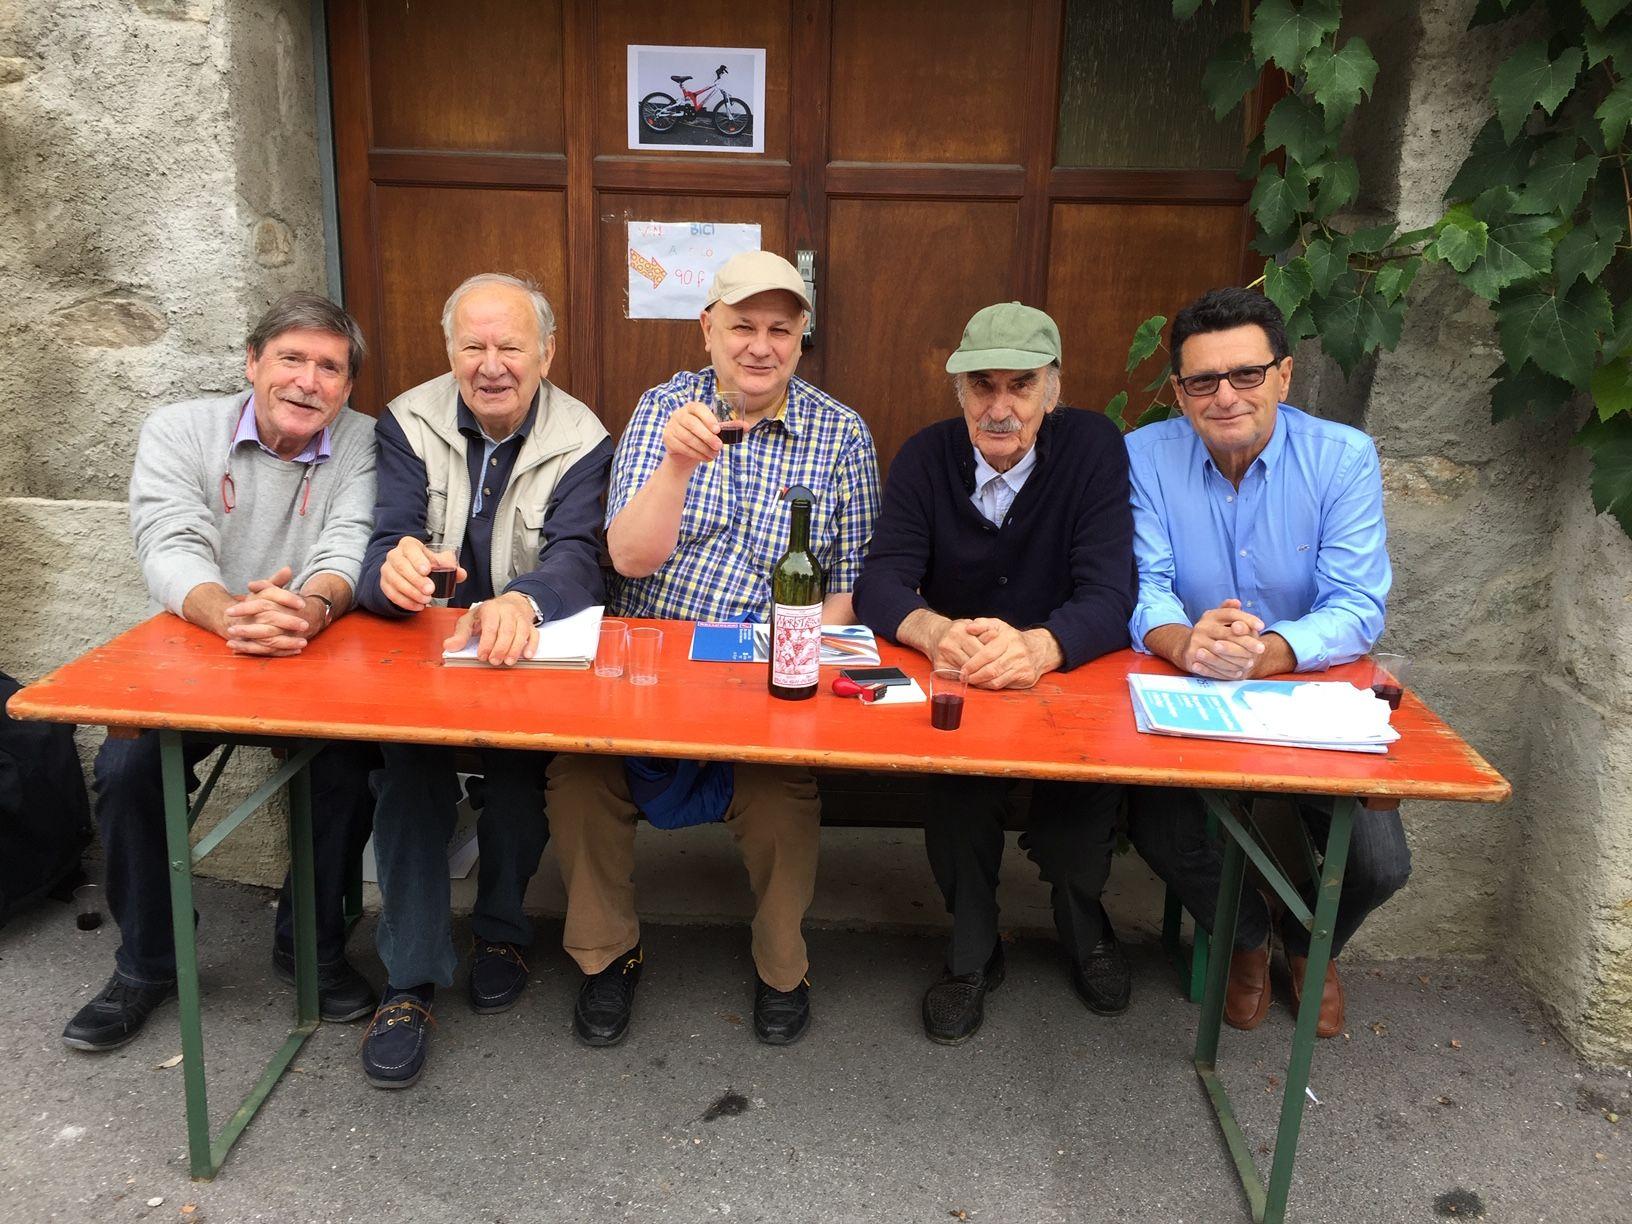 12.09.2015 - Giuria Artisti in Erba a Breganzona. Da sinistra: Jean Marc Bühler, Luciano Gatti, Adriano Crivelli, Emilio Rissone e Luciano Carazzetti.